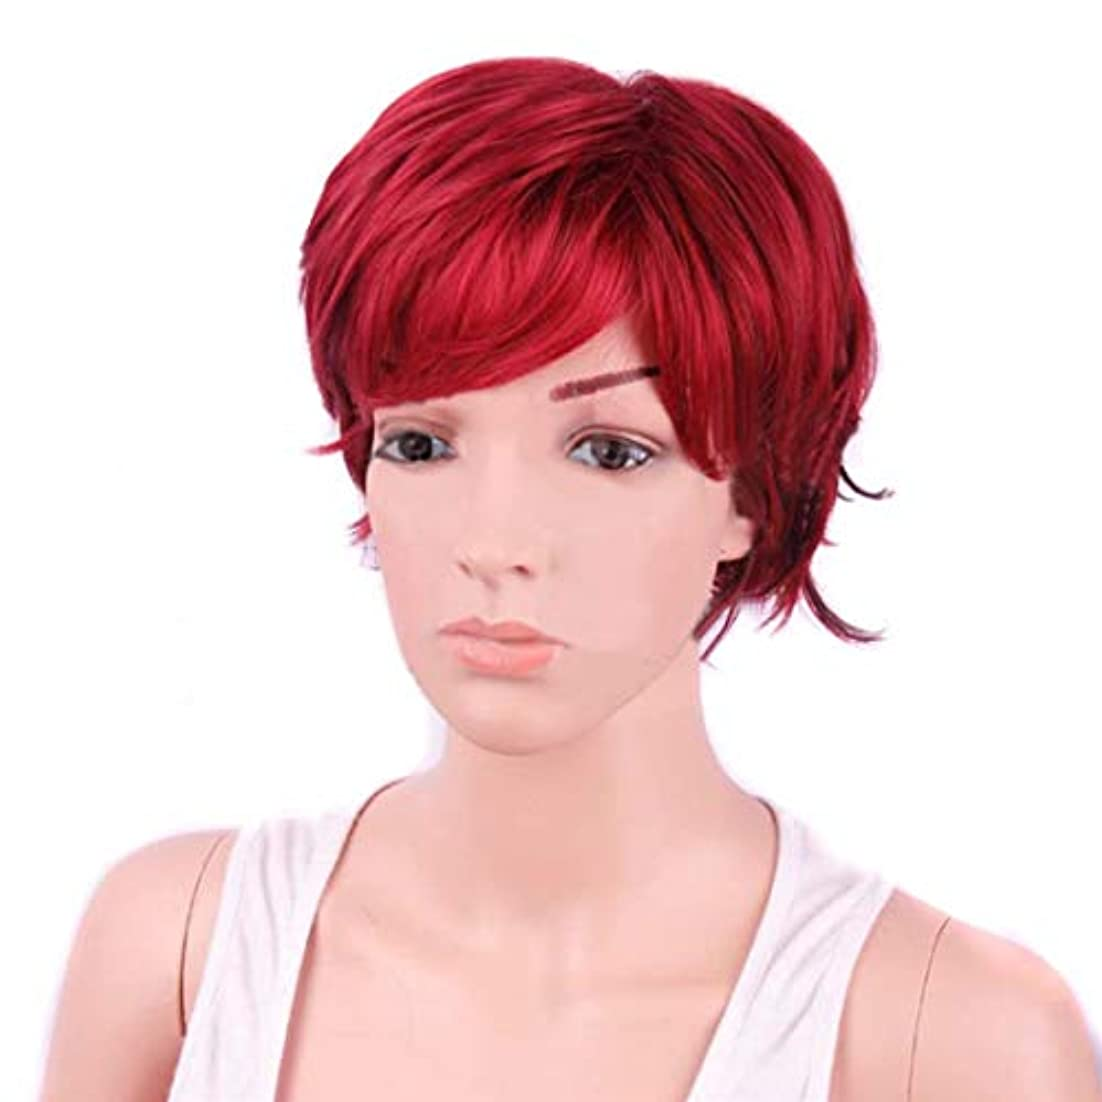 シェル従順調和JIANFU 女性のためのボボのかつら耐熱ウィッグ12inch / 9inchの短いテクスチャ部分的な斜めのBangsウィッグと部分的なウィッグ (Color : Wine red)